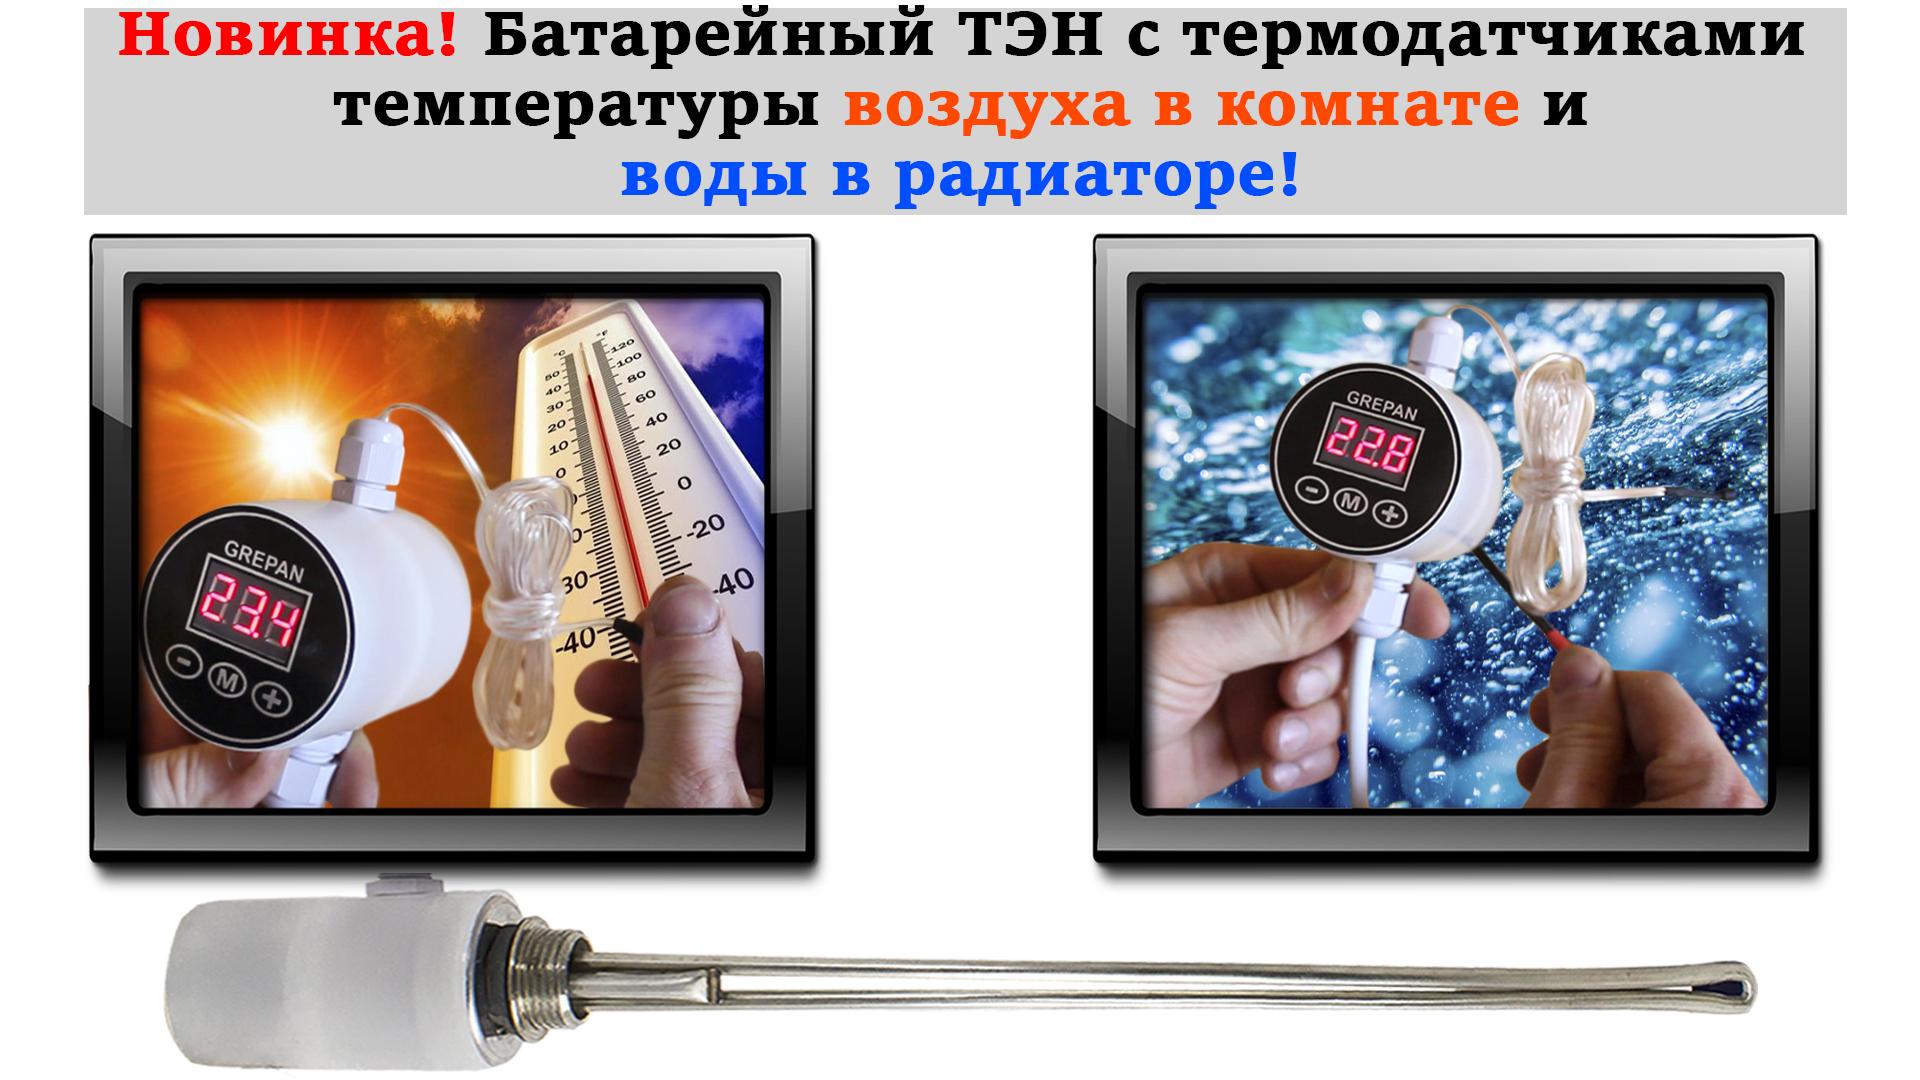 ТЭН для алюминиевого радиатора c электронным терморегулятором воздуха в помещении